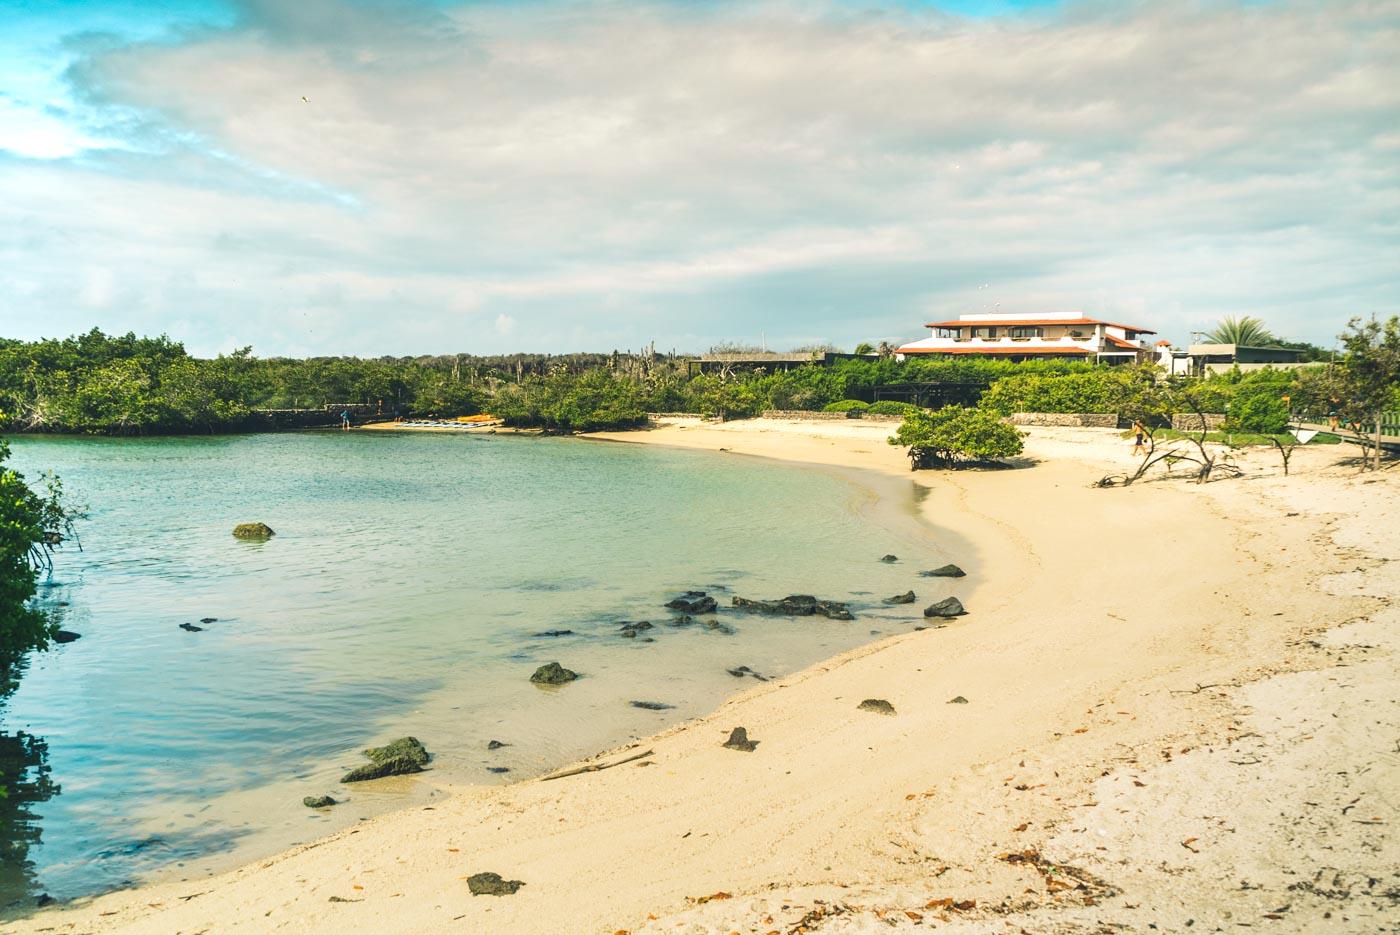 Playa a Los Alemanes, Santa Cruz island